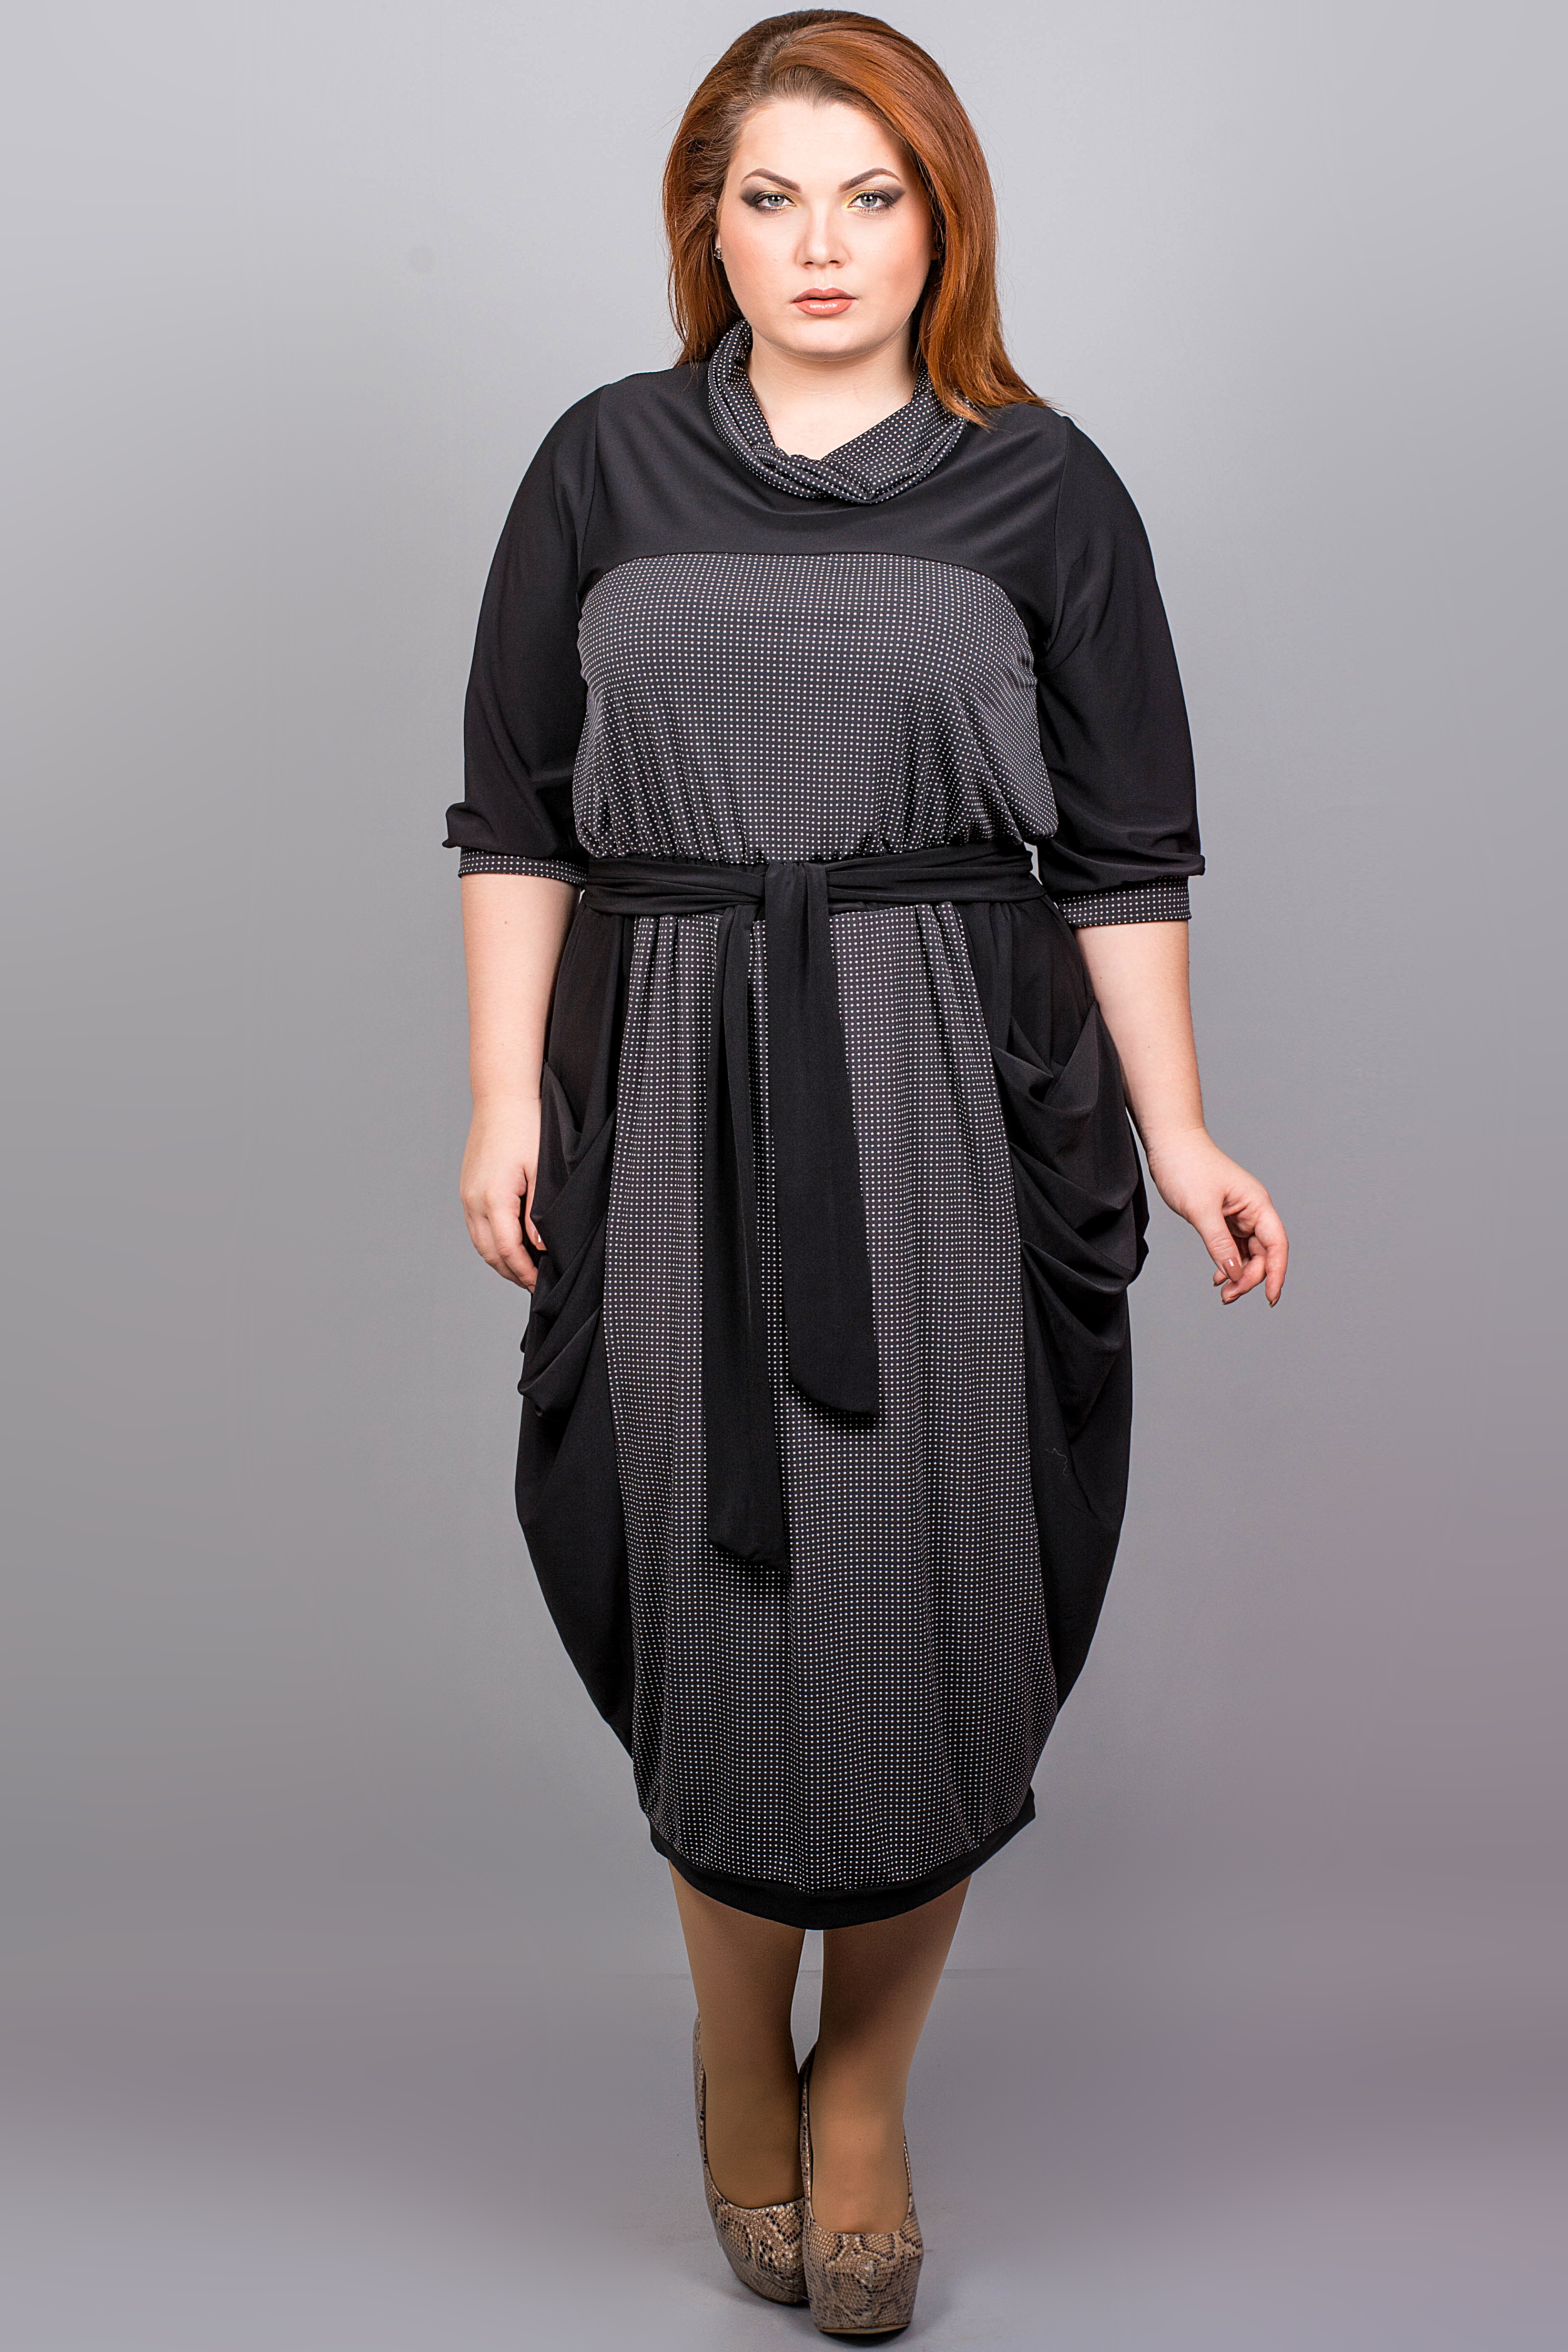 3f8c5acc58c8f5f Женское платье больших размеров с горловиной и рукавом 3/4 - Товары ...